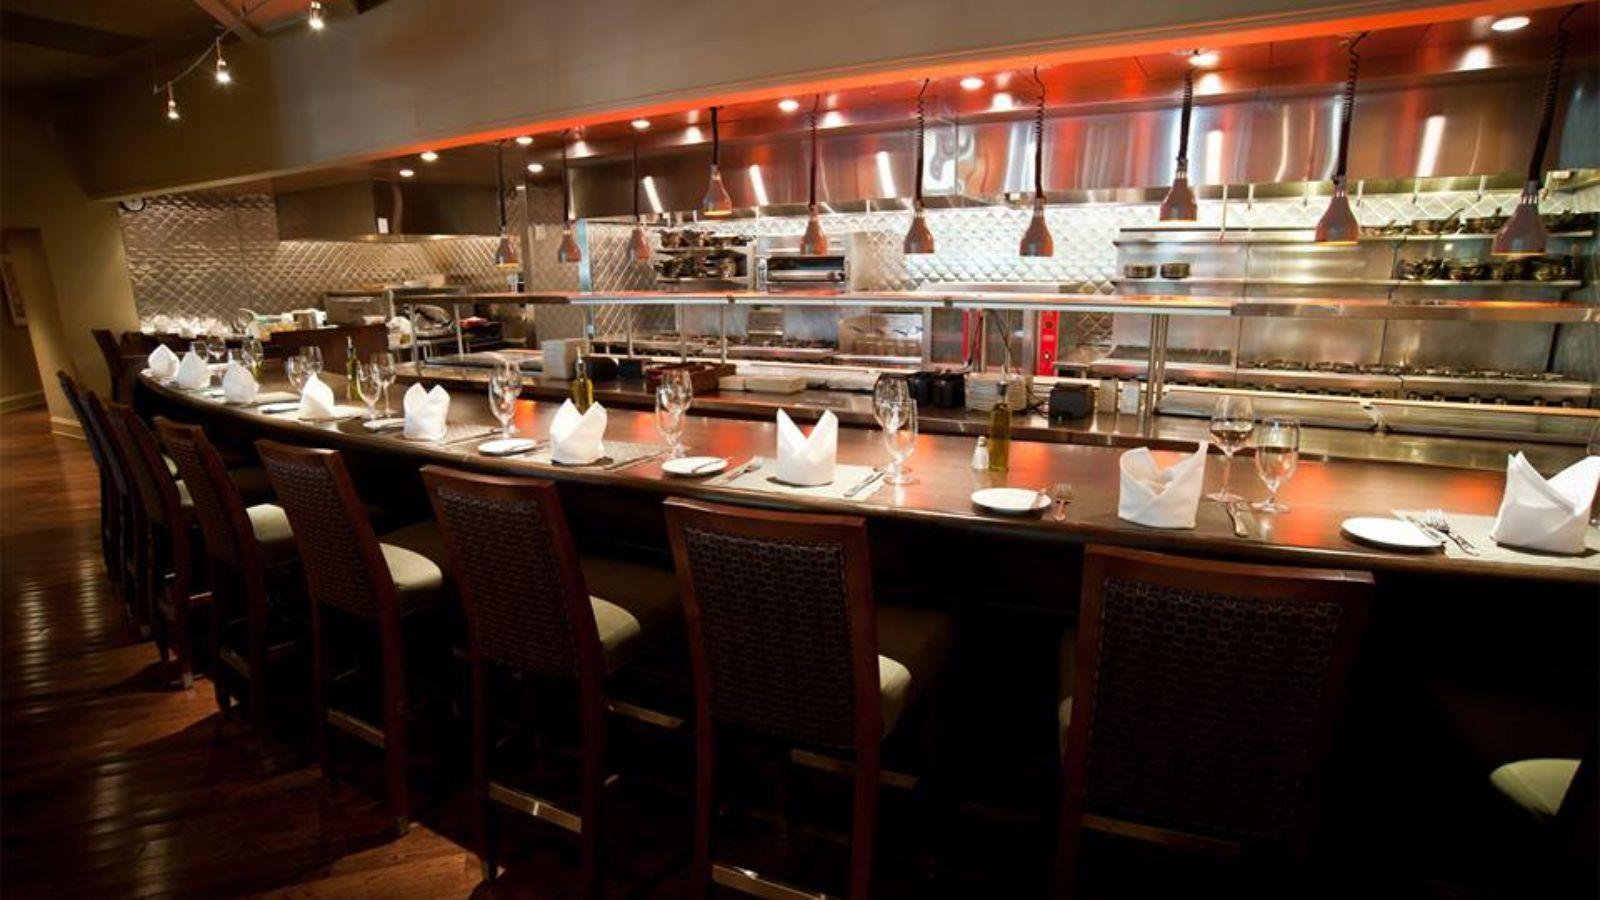 Fifty Shades Of Davio S Diesel Walking Dead Sweetwater Benefit Gluten Free Menu Atlanta Restaurants Restaurant